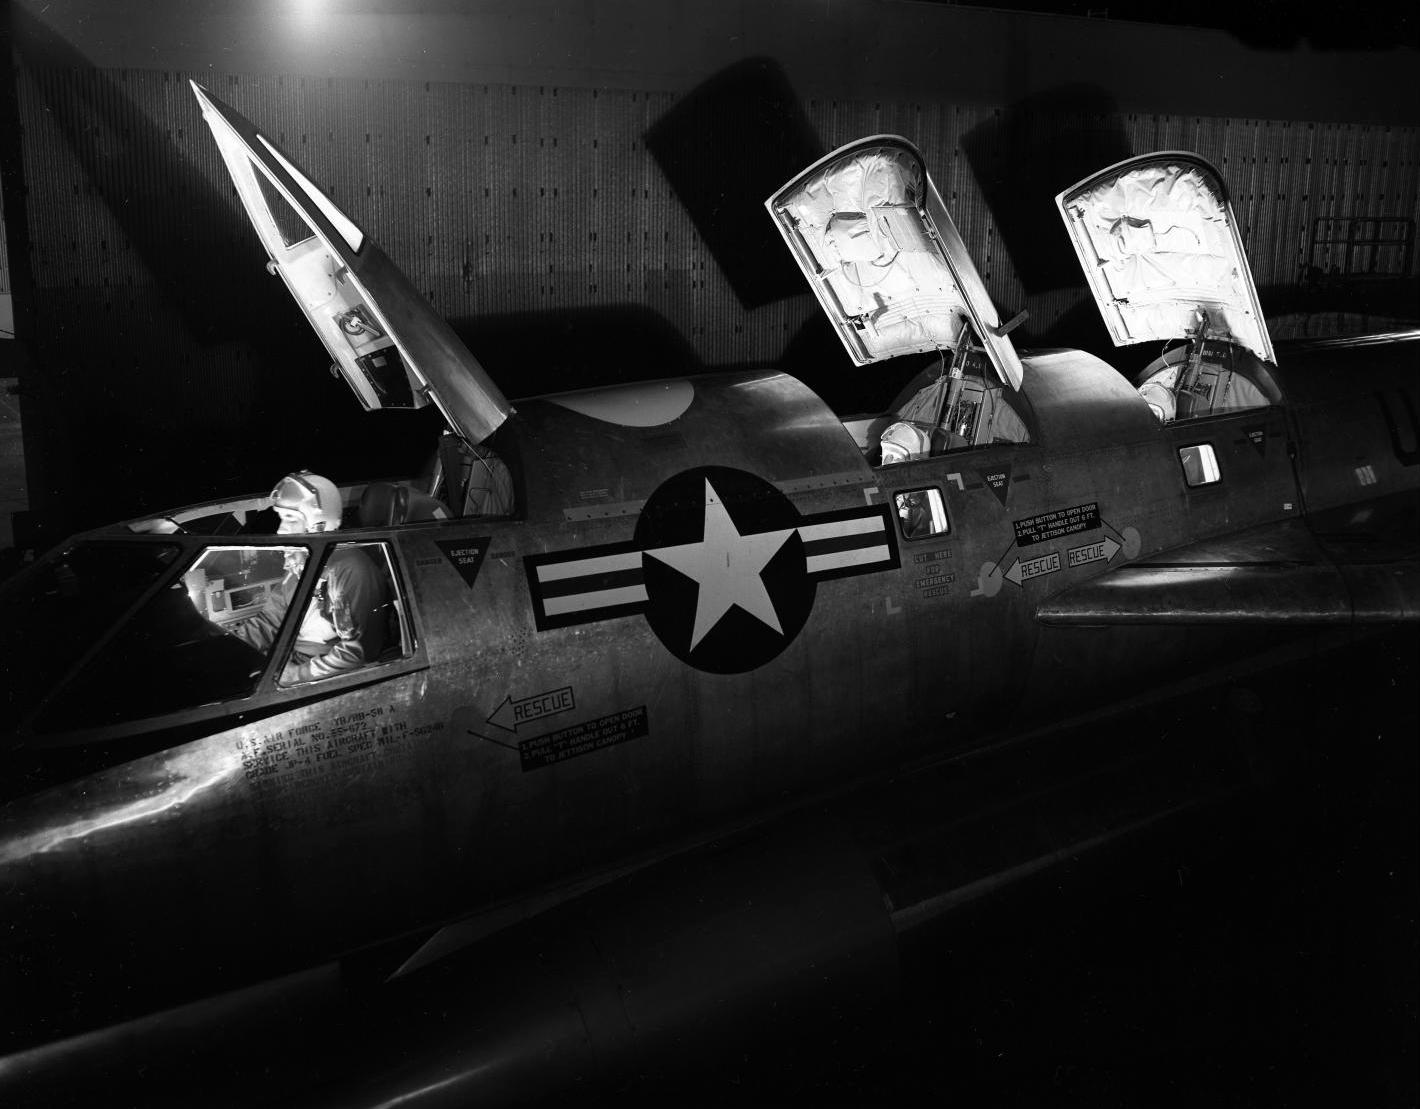 Esta magnífica foto de un B-58A del SAC permite ubicar las ubicaciones de los cockpits en tándem de los tres tripulantes (piloto, copiloto y operador de radar), sin comunicación física entre sí (fuente: jetpilotoverseas.wordpress.com)